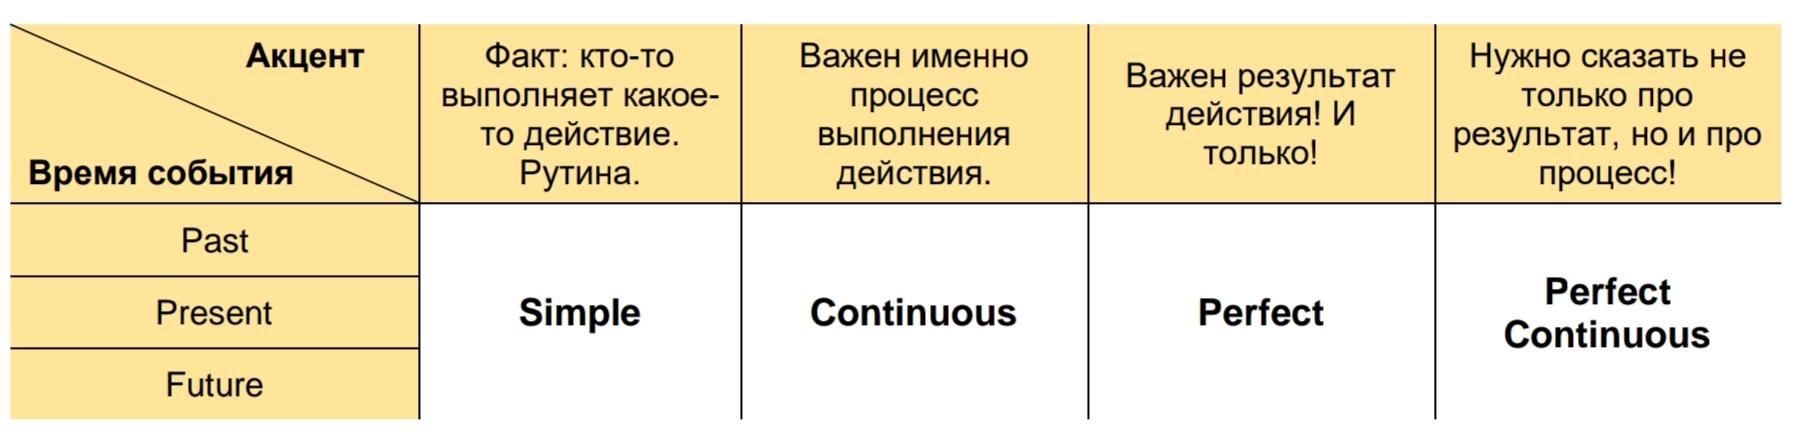 Смысловые акценты в английских предложениях